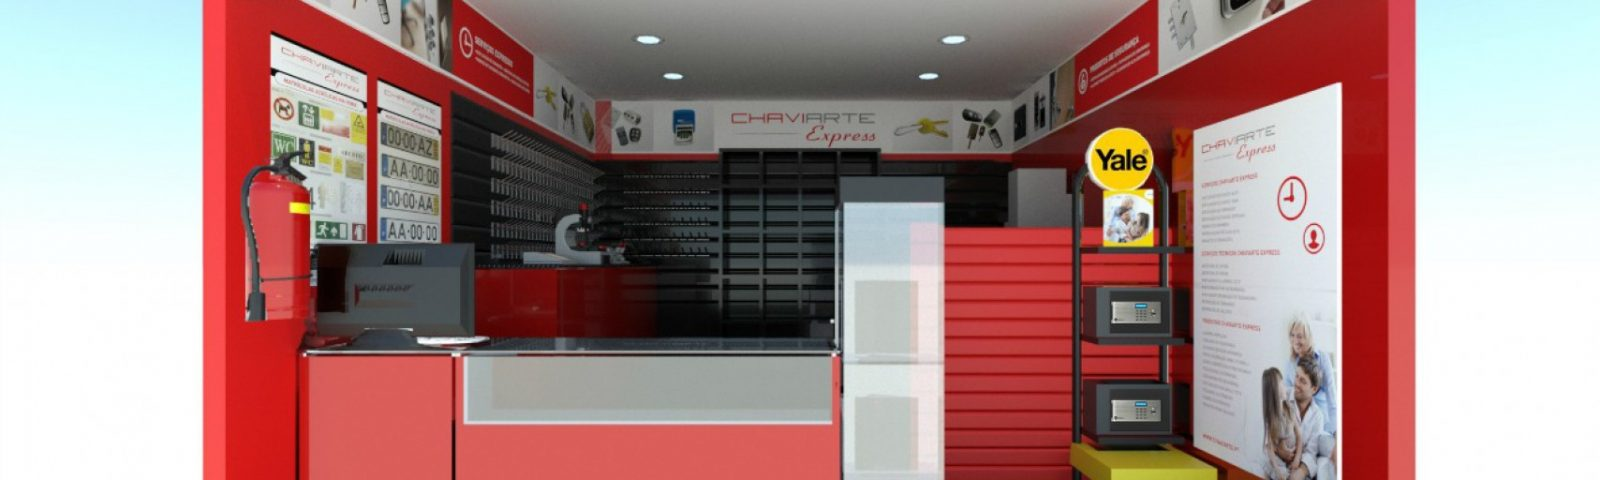 A Chaviarte reforçou a sua presença na região Oeste do país, com a abertura de uma unidade no Intermarché de Torres Vedras.